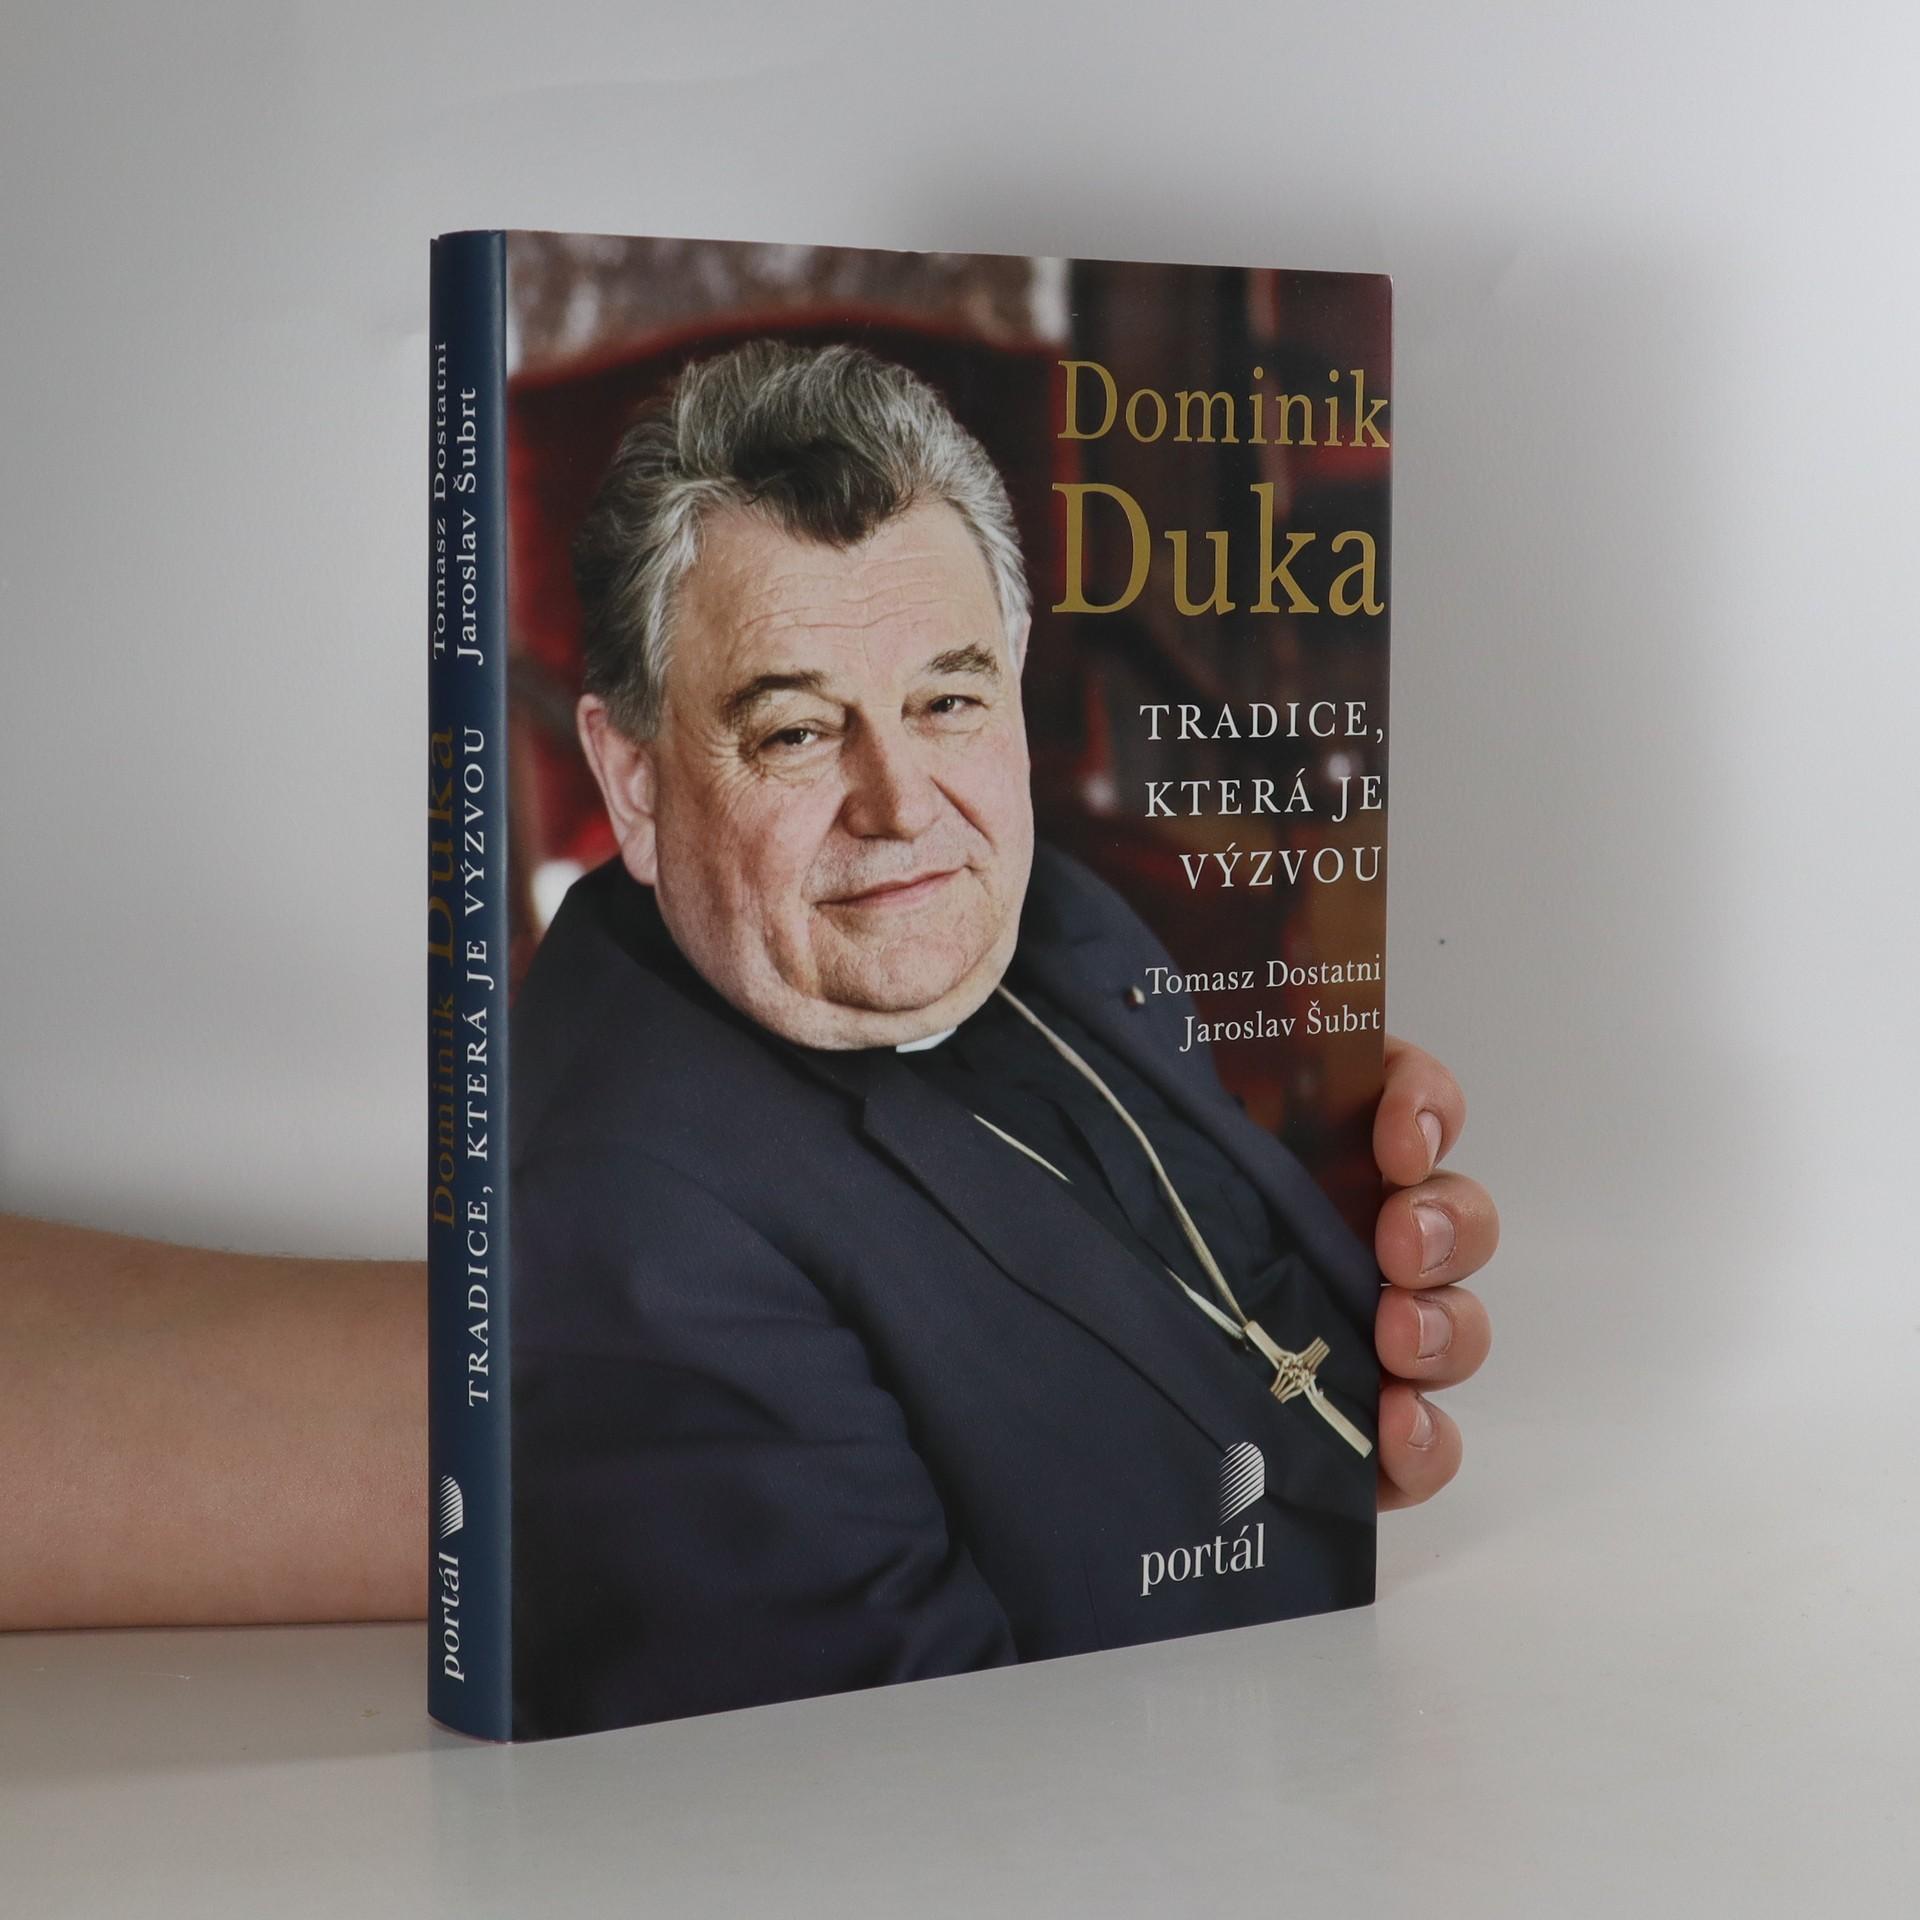 antikvární kniha Dominik Duka. Tradice, která je výzvou, 2011